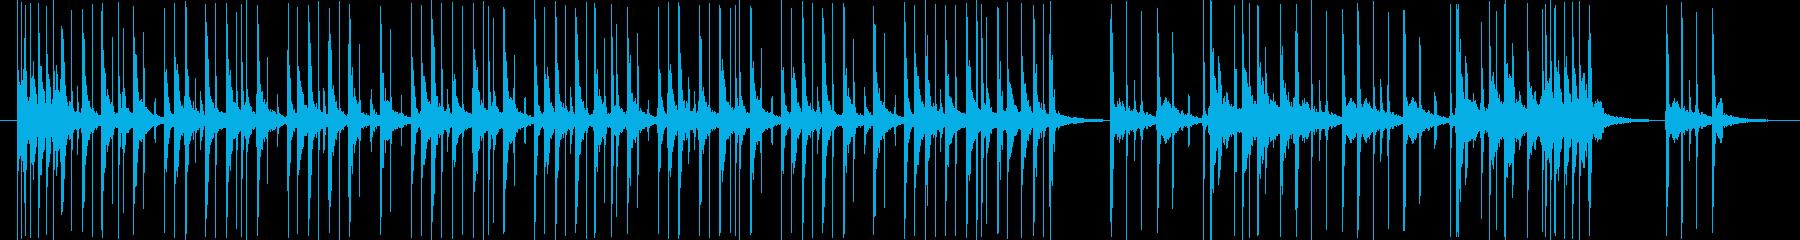 タップダンスのリズムのみ。CM、VP用の再生済みの波形